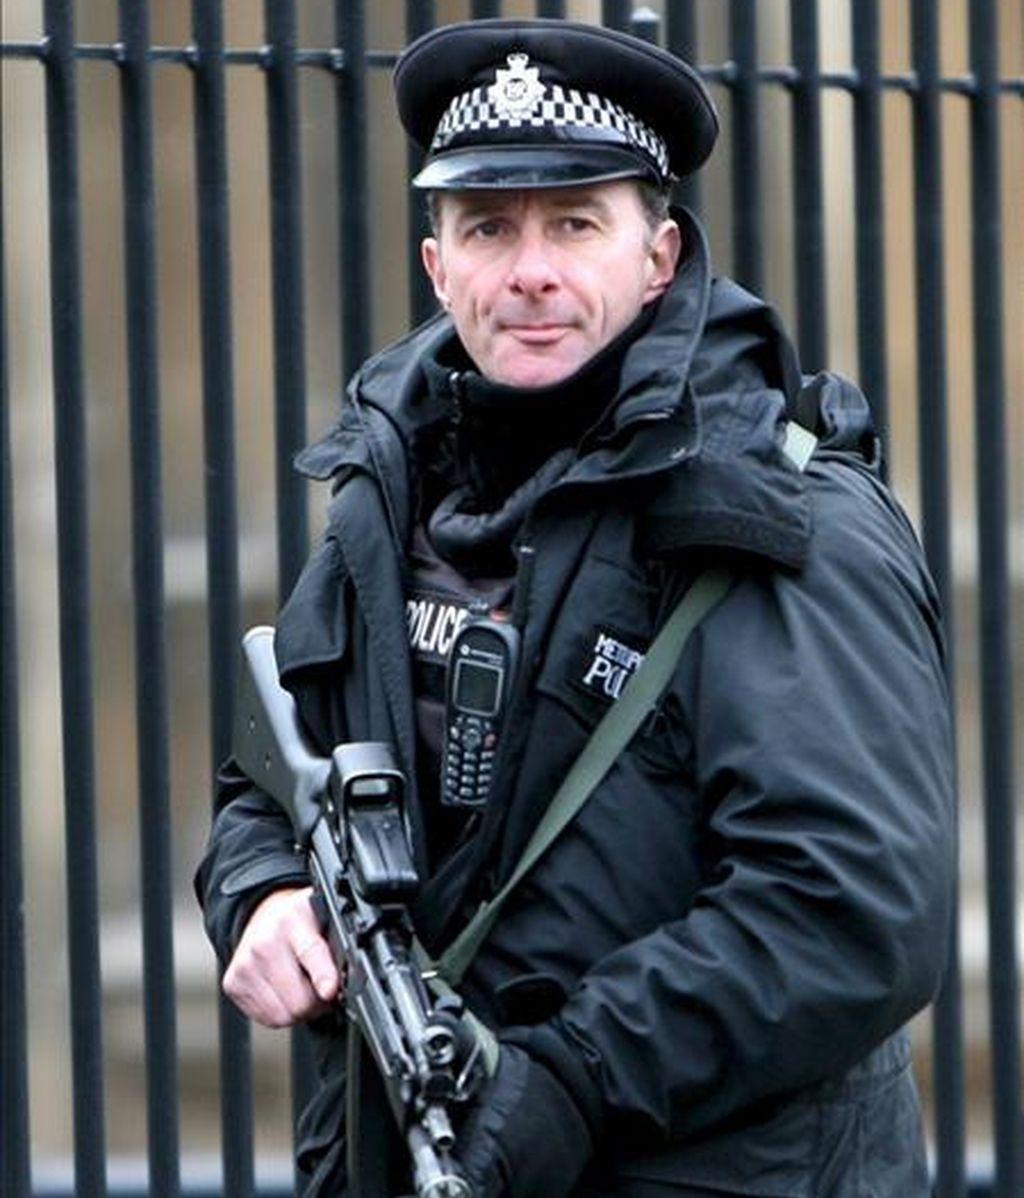 Un policía británico vigila en los alrededores del Parlamento en Londres (Reino Unido). EFE/Archivo